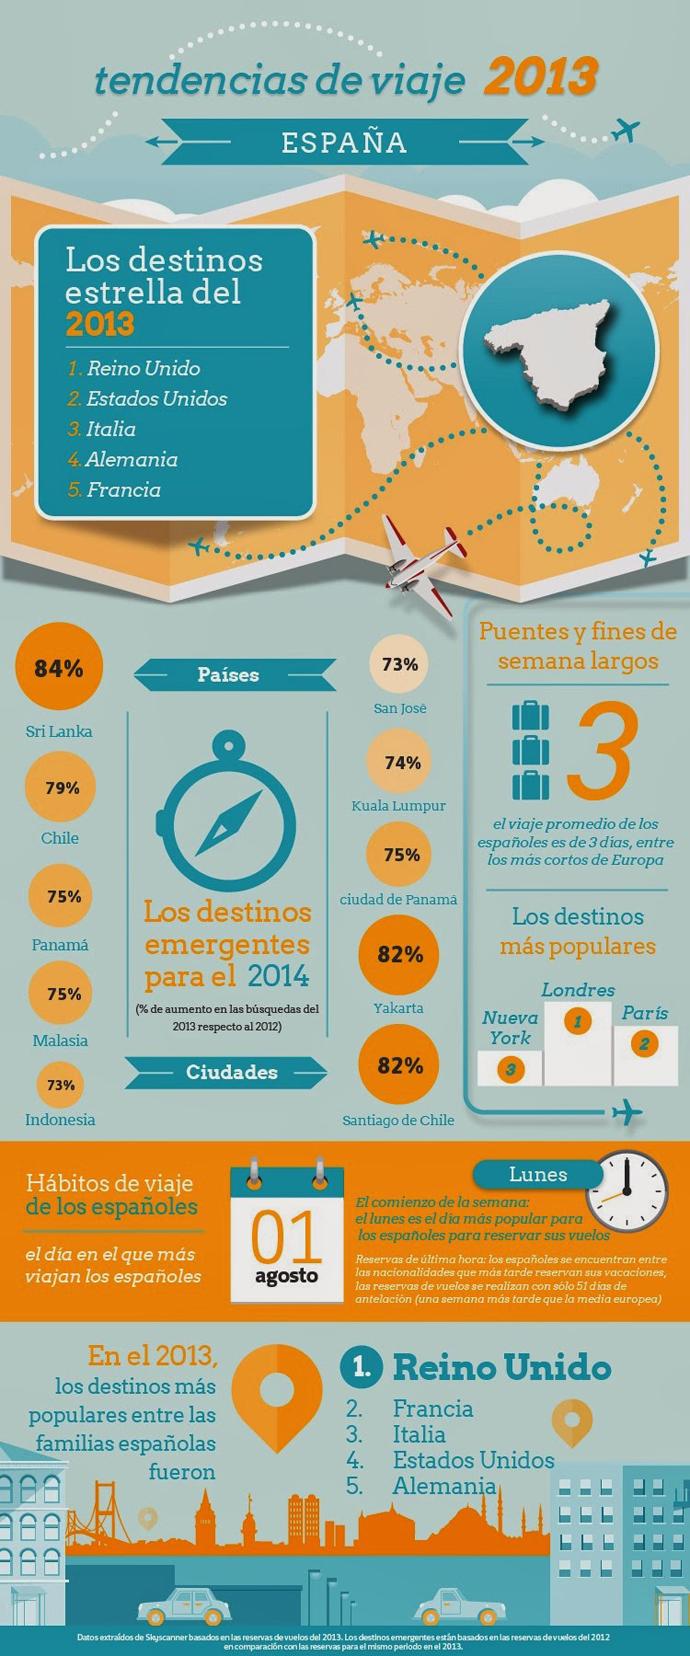 Destinos preferidos por los españoles en 2013